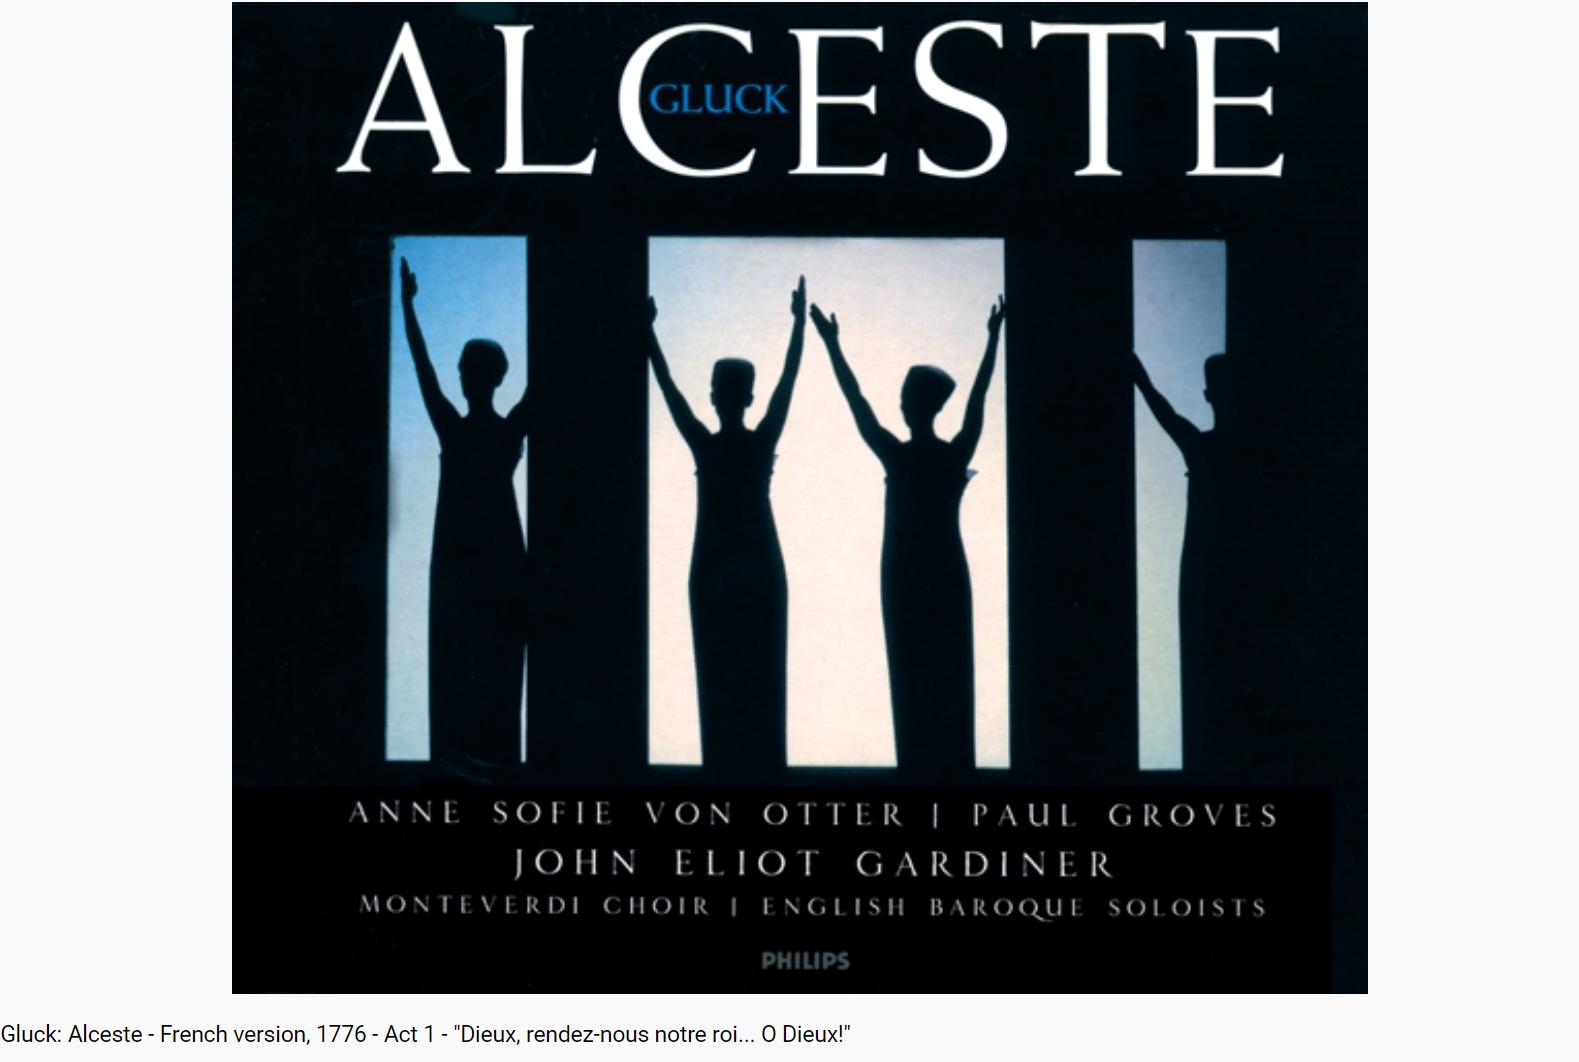 Gluck Alceste Dieux, rendez-nous notre roi